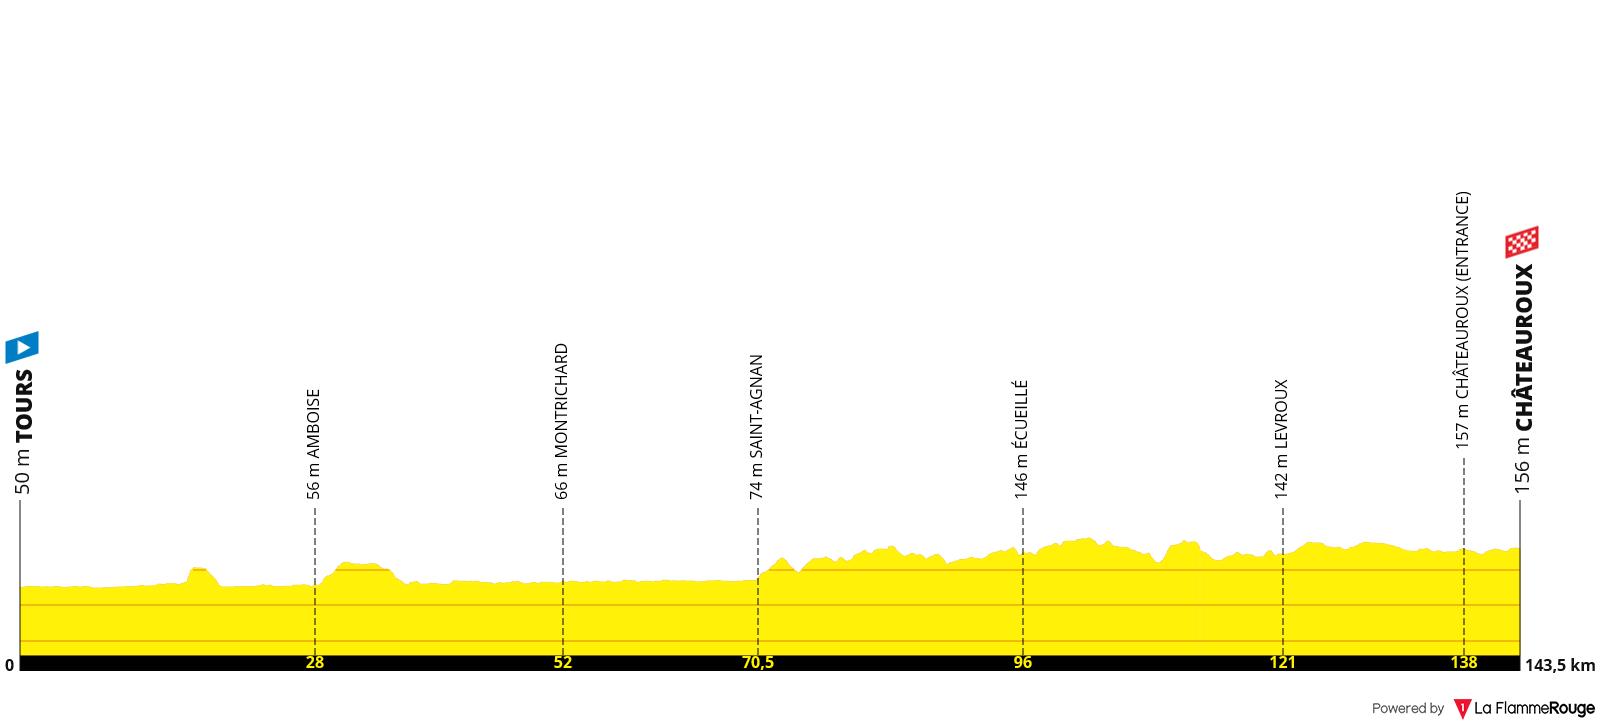 Etapa 06 - Tour de Francia 2021